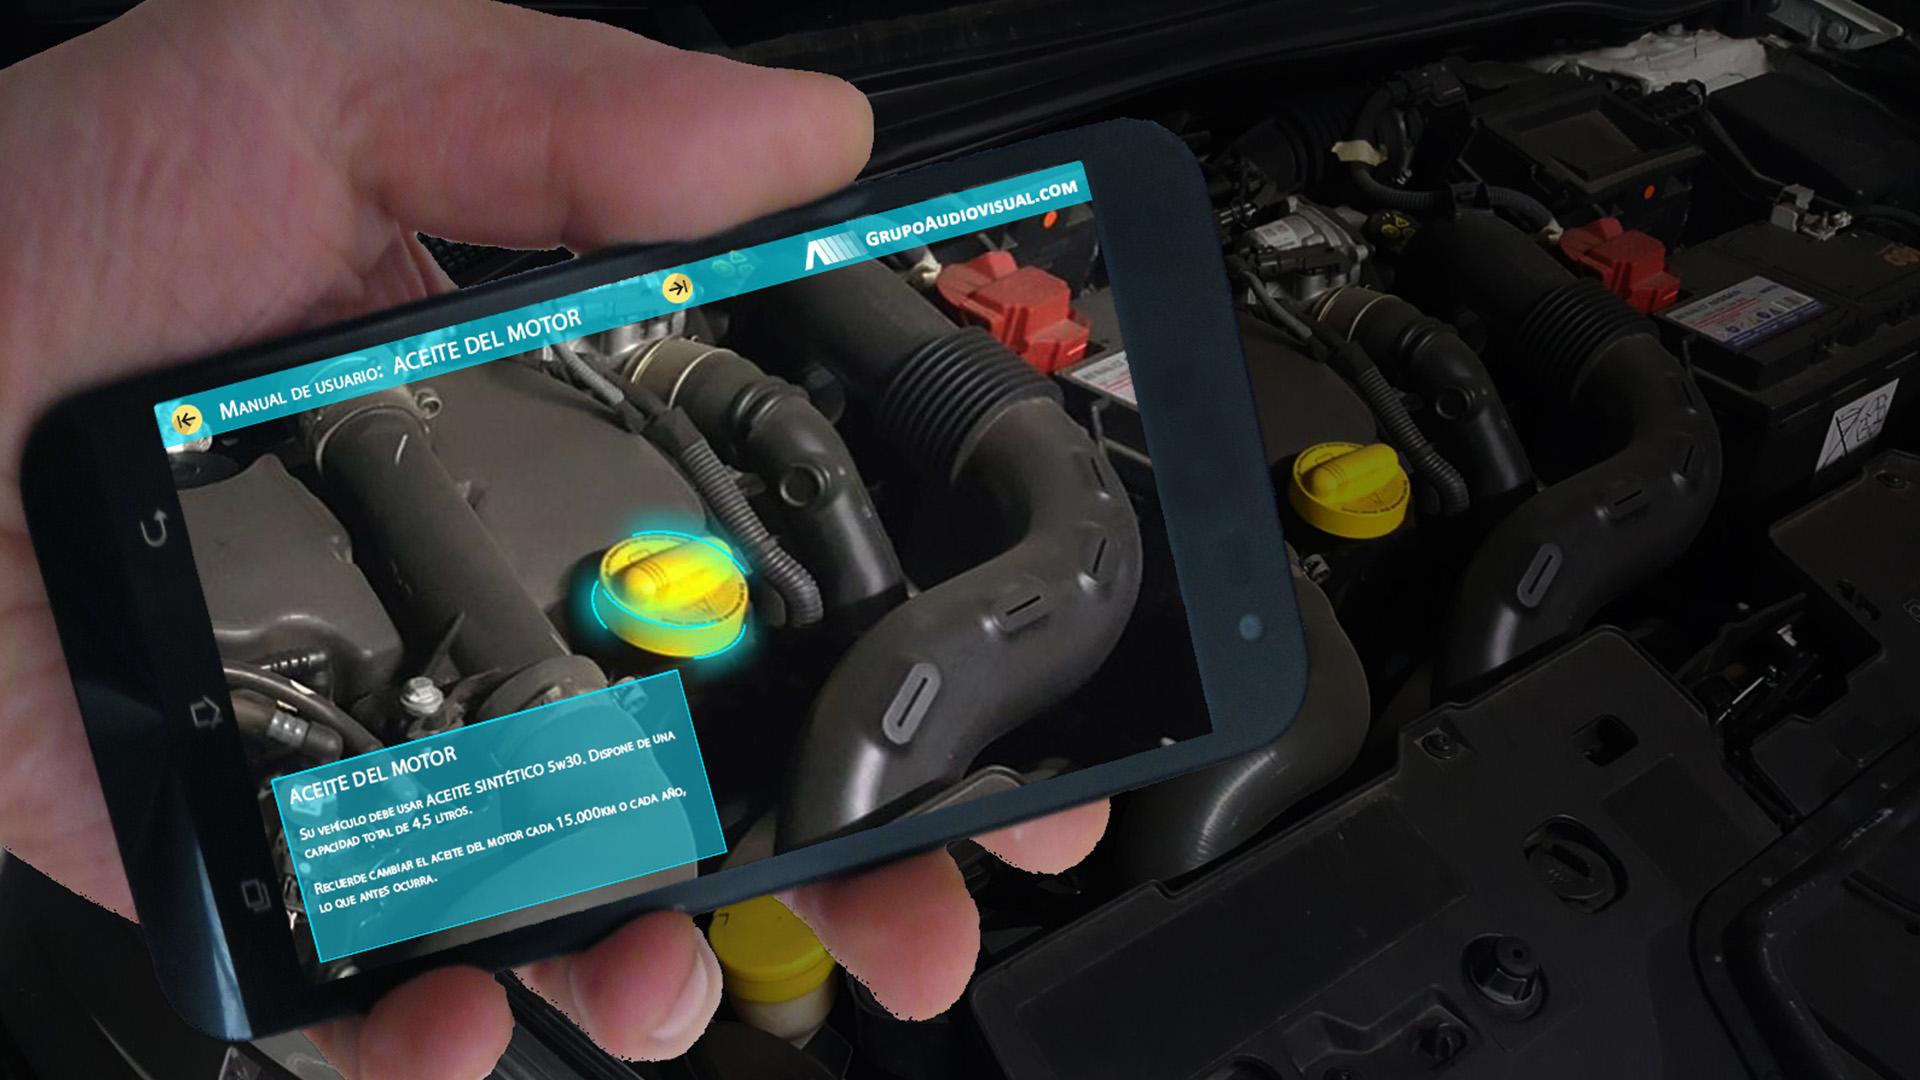 Automoción VR Realidad-Aumentada-Servicio-Post-Venta-Automóvil-coche-vehículo-Manual-de-Usuario-AR-GrupoAudiovisual_05_low